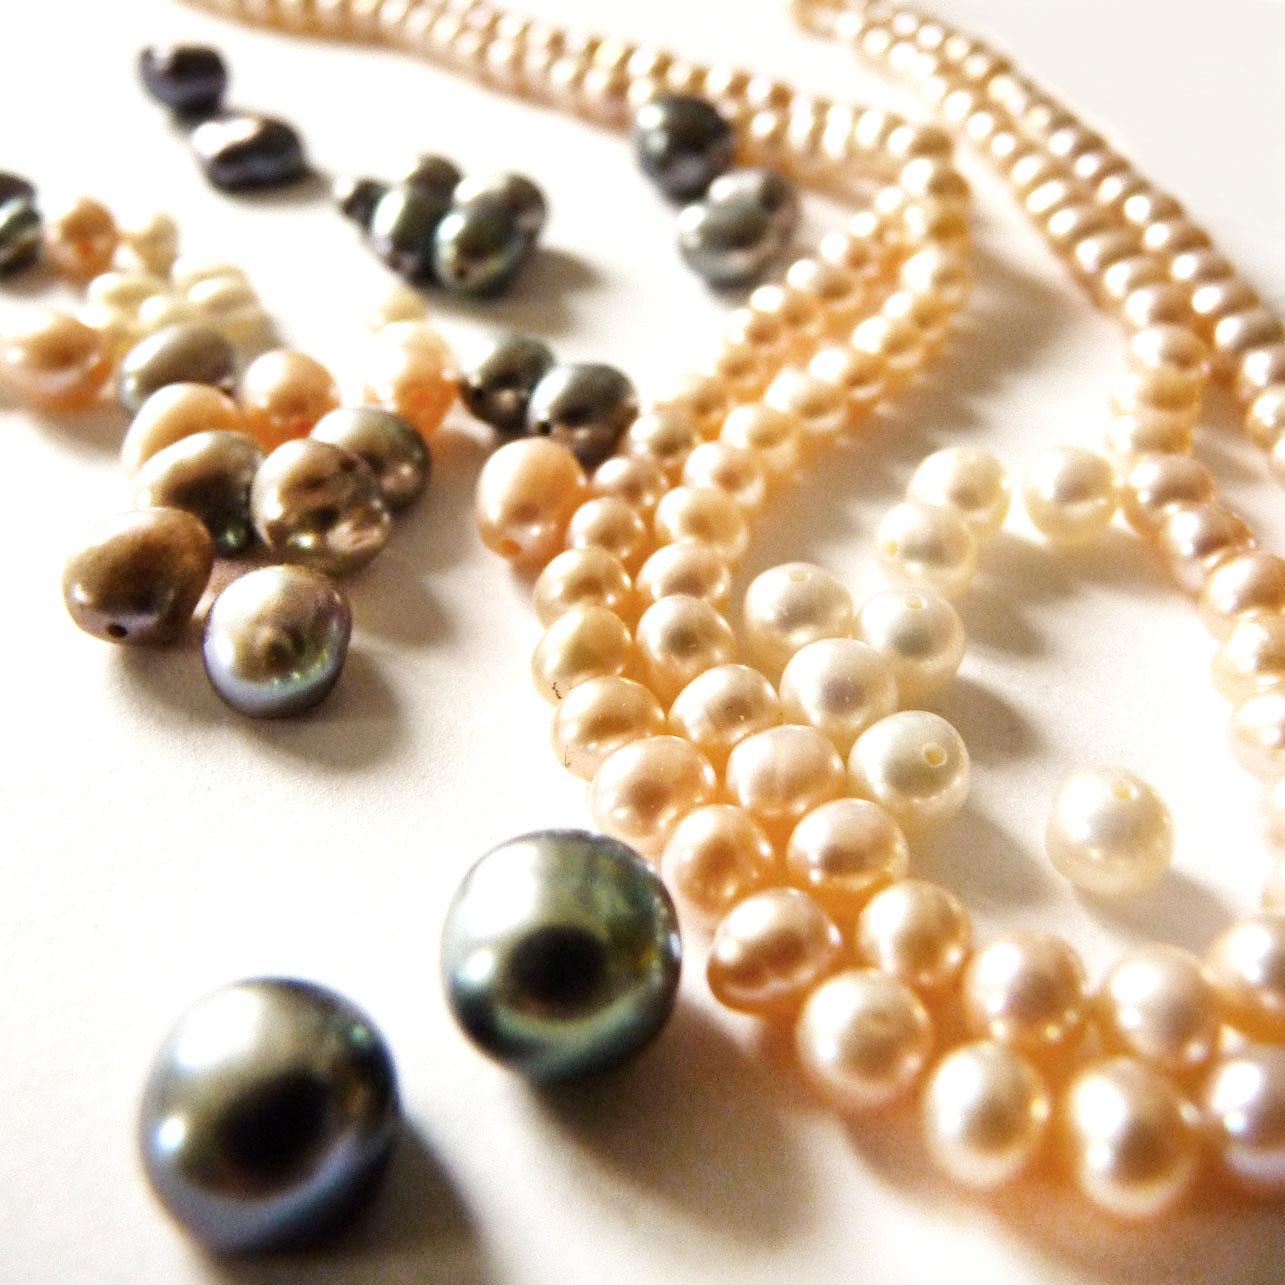 Perles de culture fine bijoux de créateur nature éthique